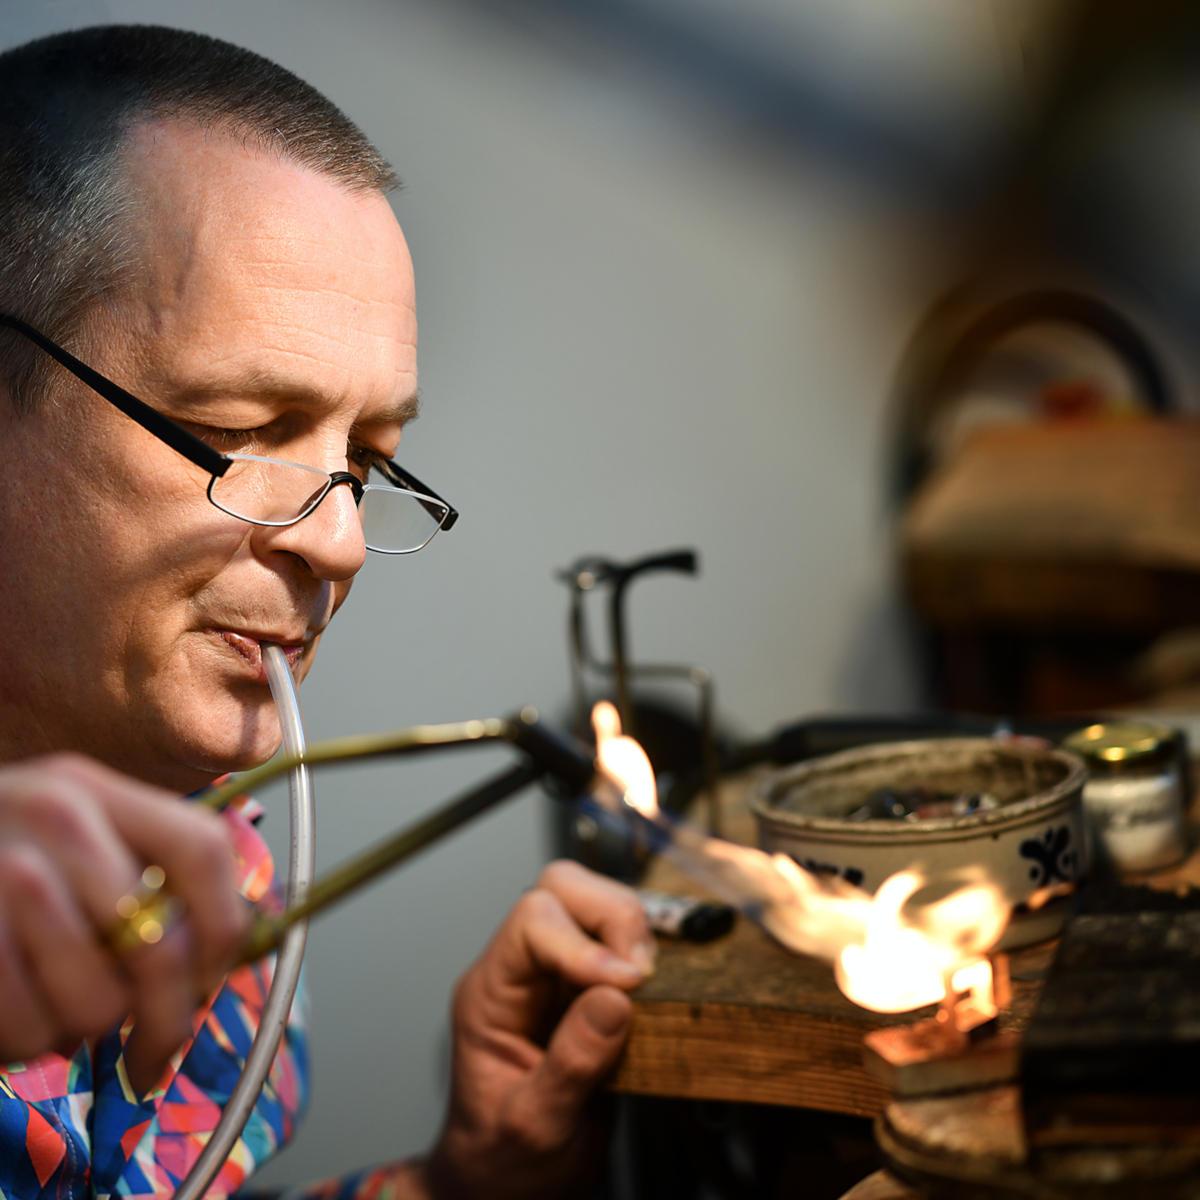 Goldschmied Matthias Grosche aus Castrop-Rauxel im Kreis Recklinghausen bei seinen Arbeiten in der eigenen Werkstatt